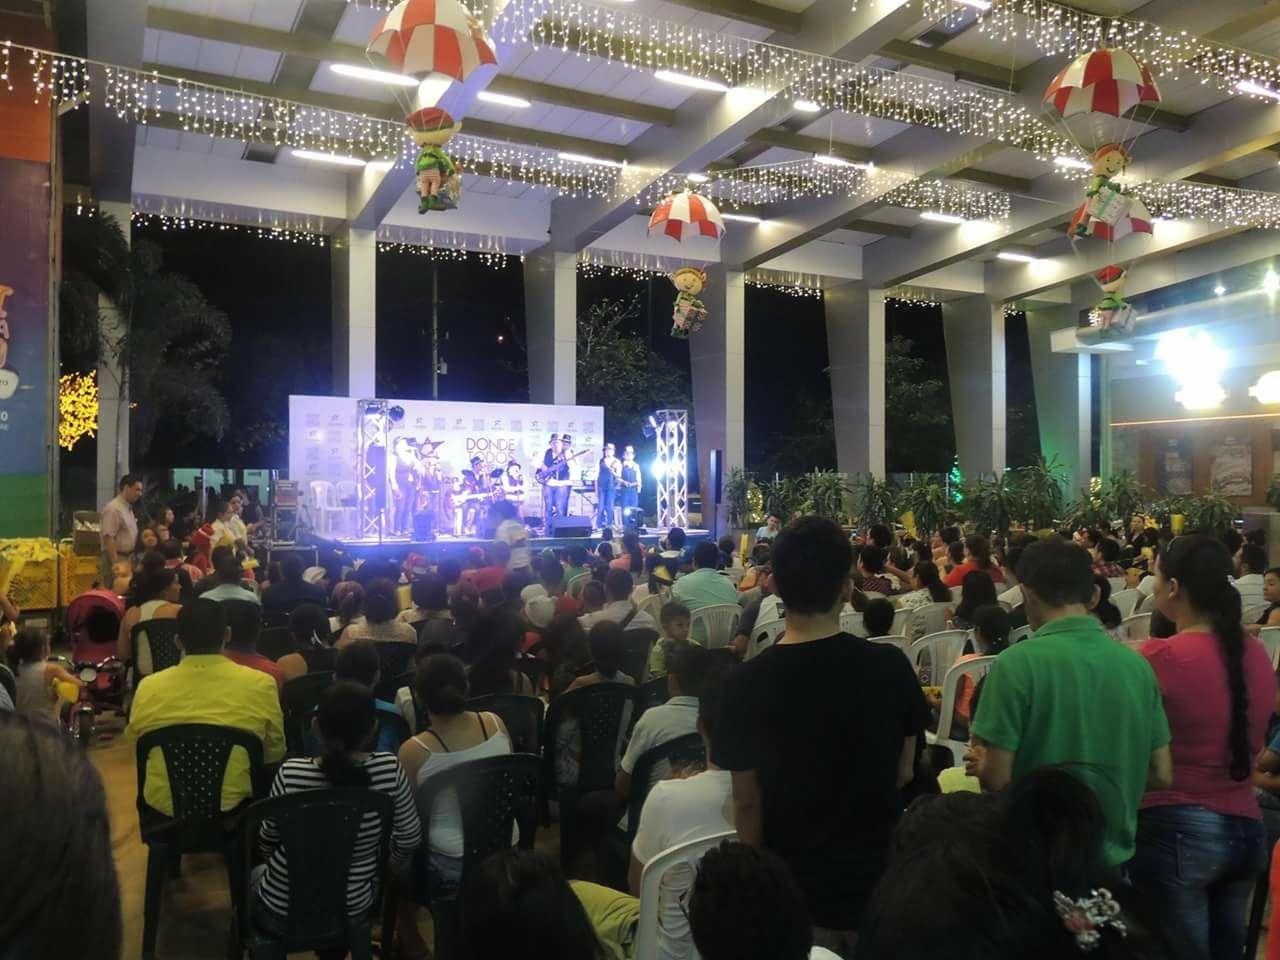 #EnAudio Artidoro Bottia, habla acerca de acuerdo del Idry con Gran Plaza Alcaraván para eventos deportivos